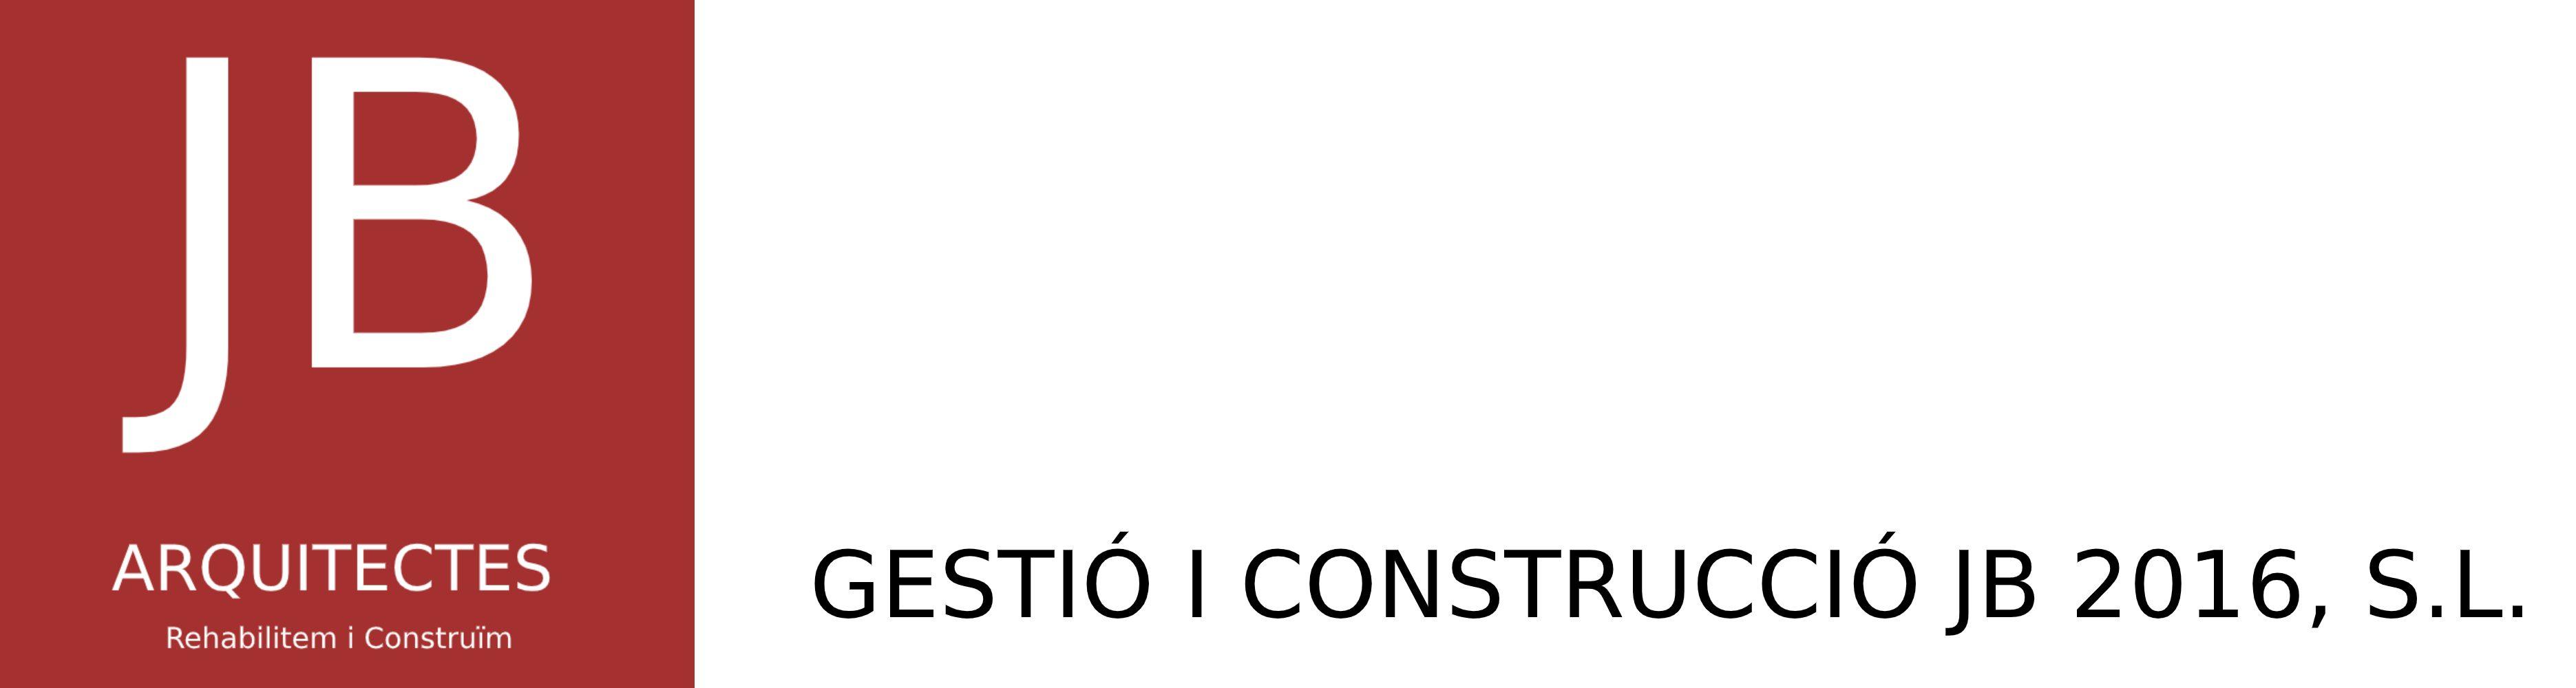 Gestió i Construcció JB 2016